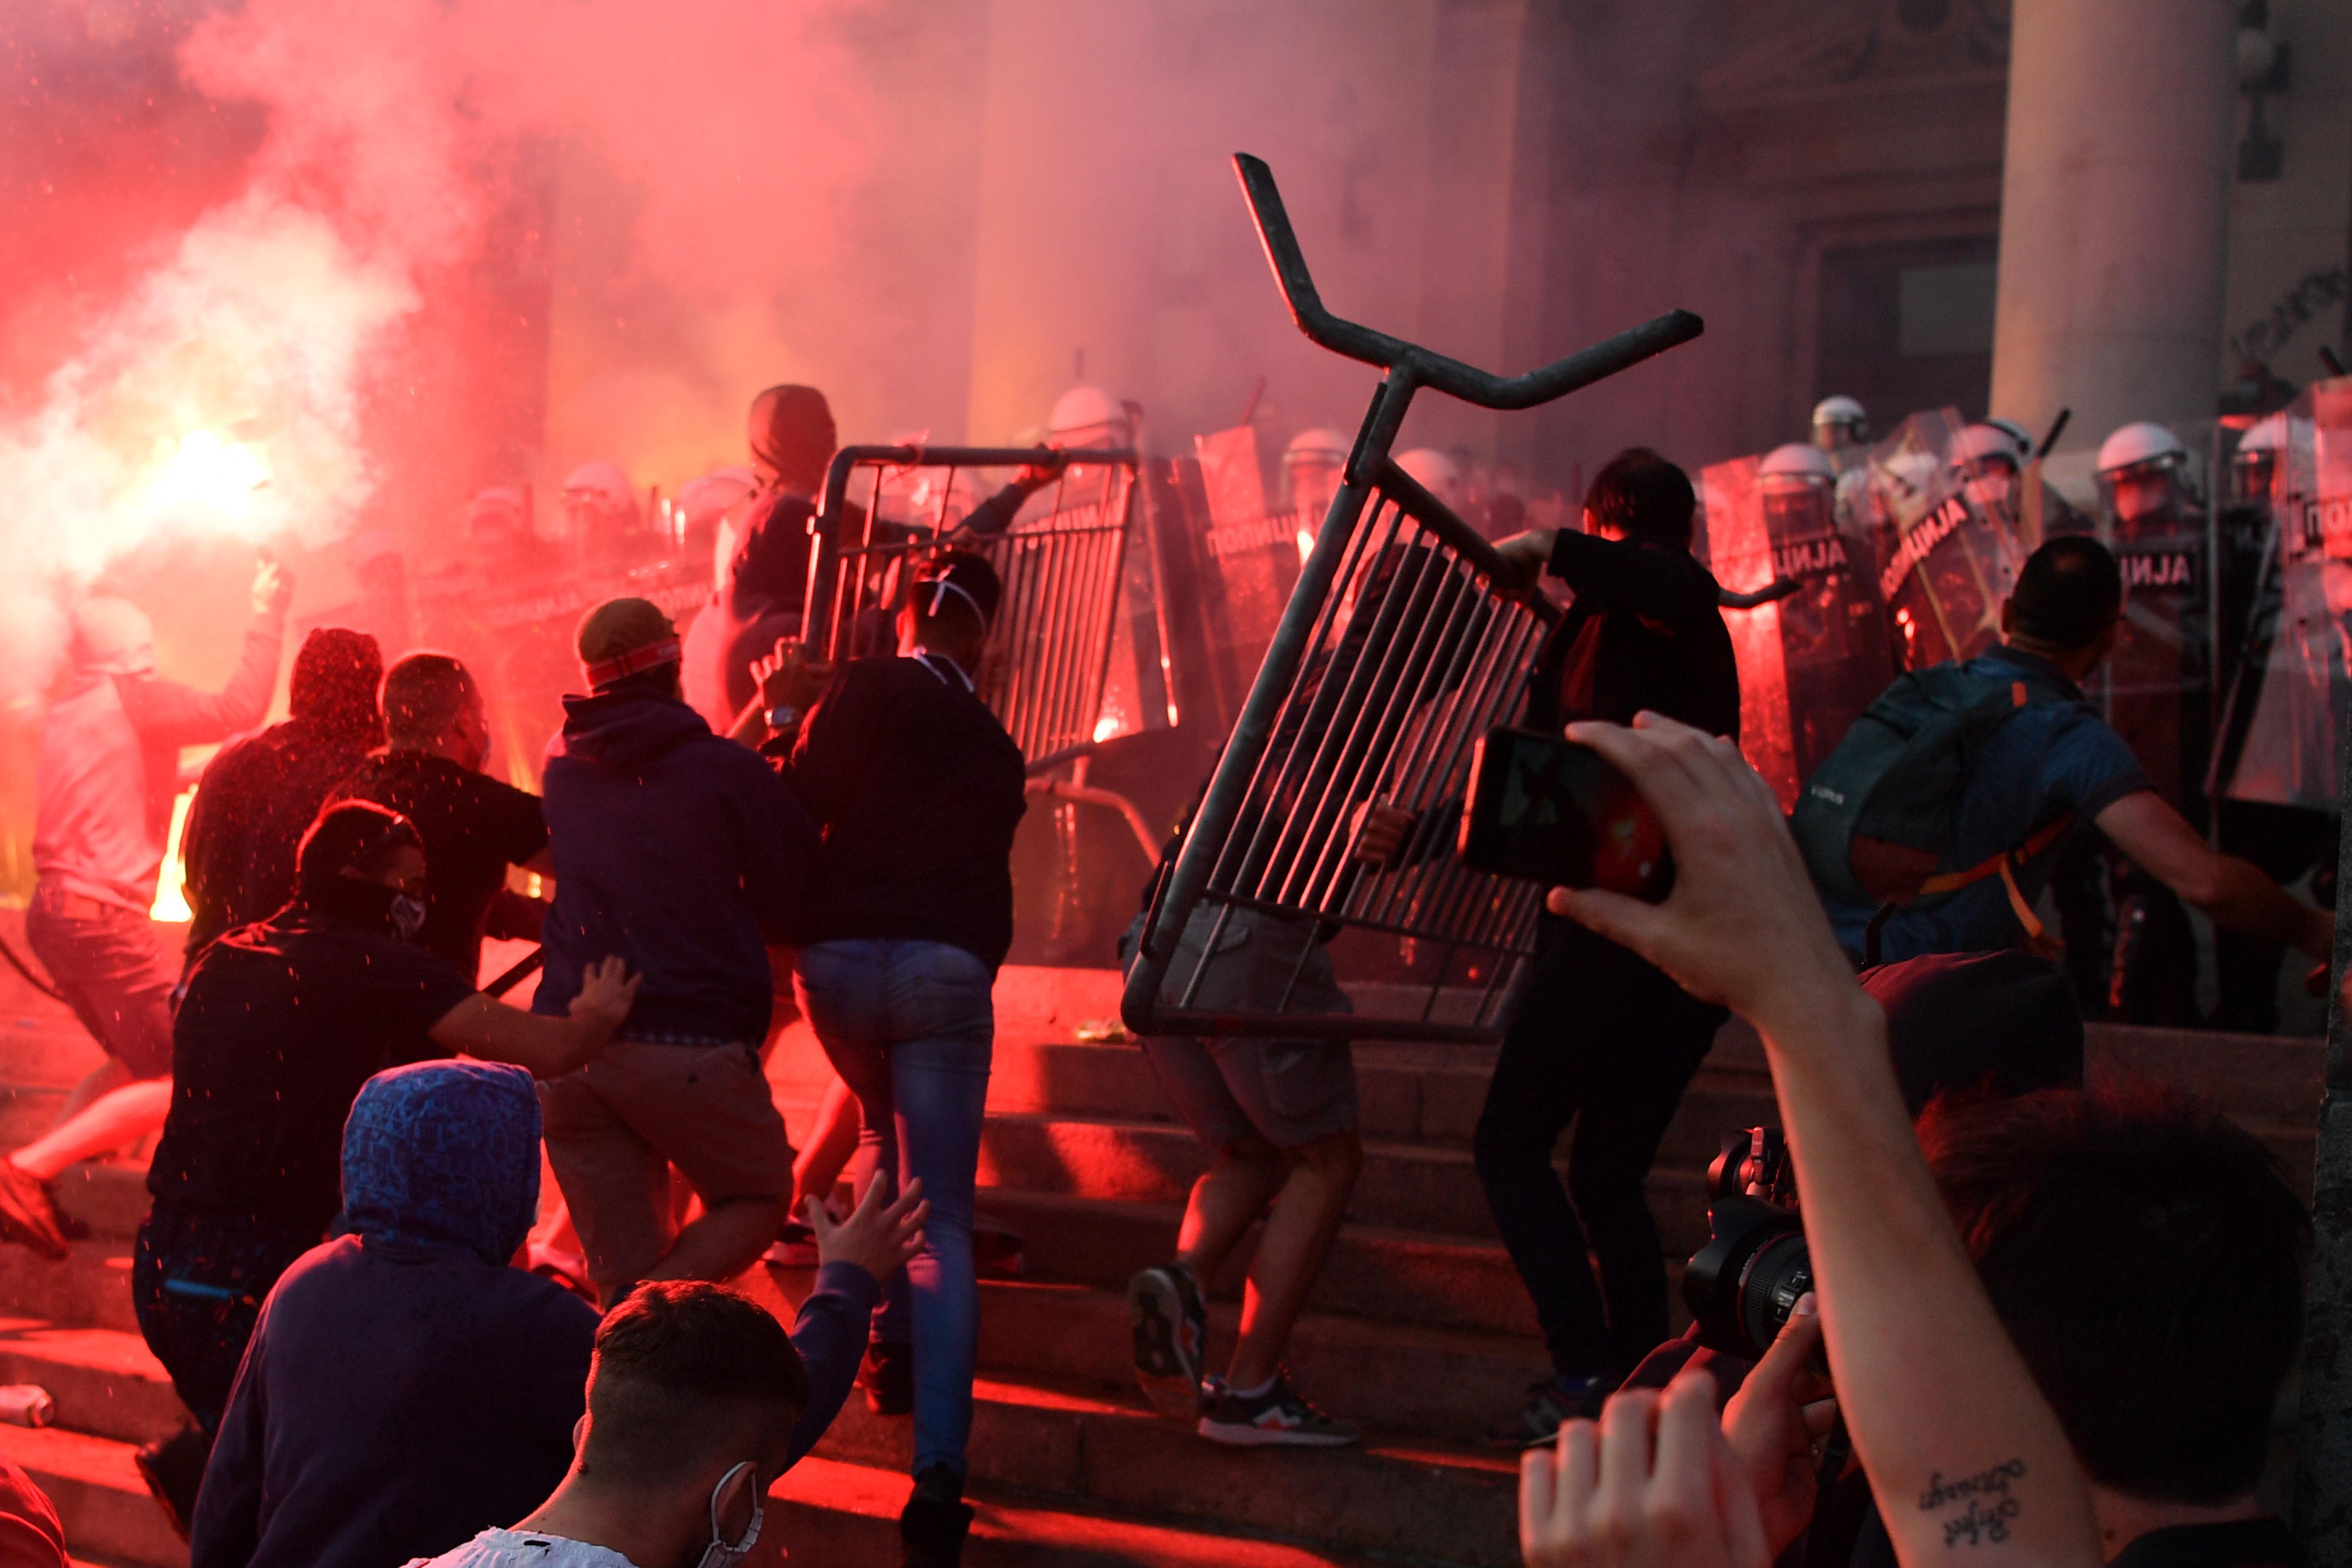 Megint megpróbáltak betörni a parlamentbe a belgrádi tüntetők